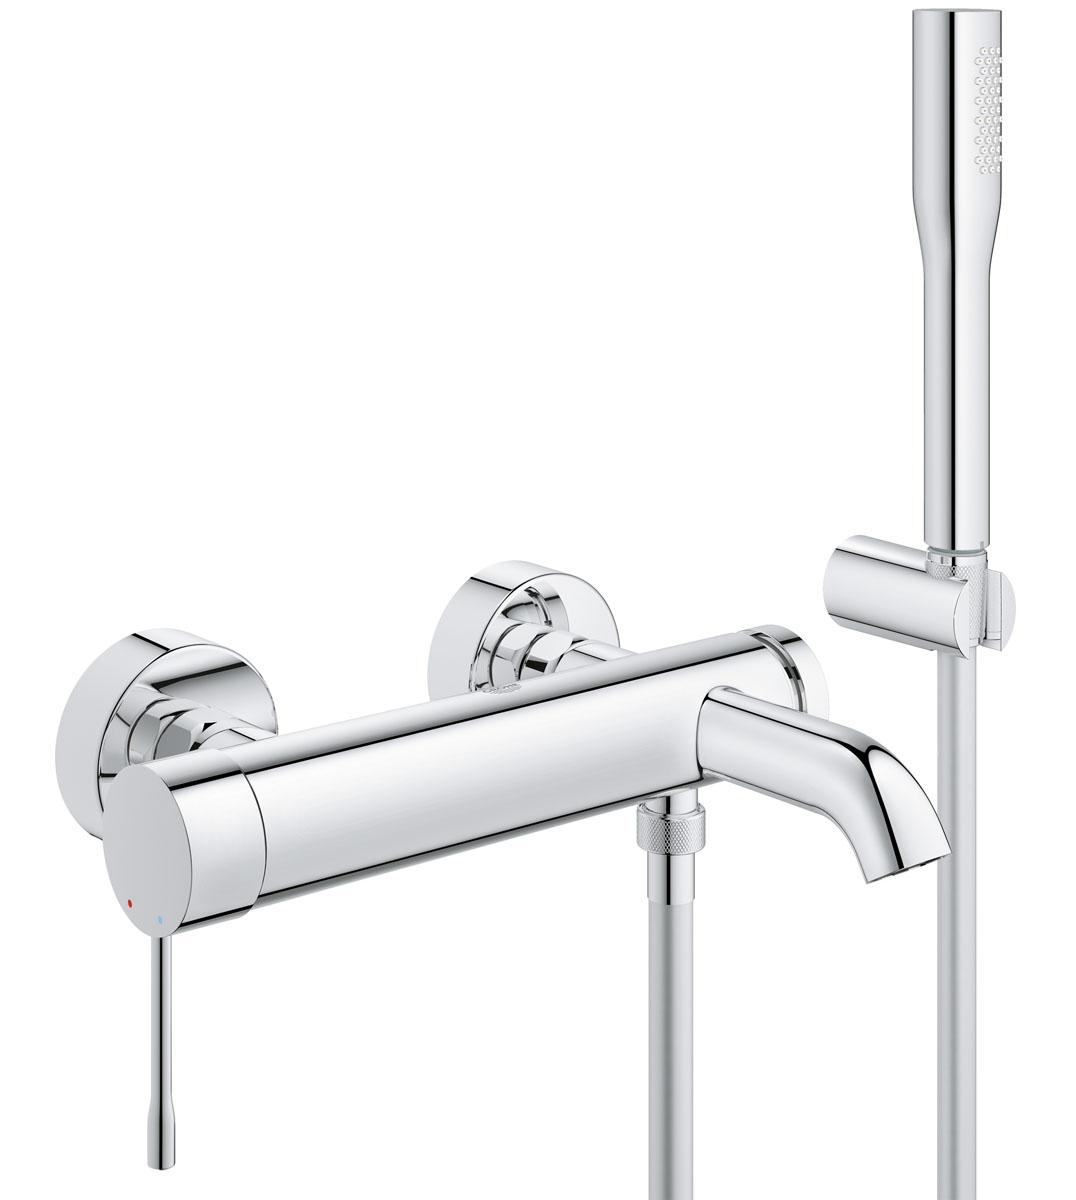 Смеситель для ванны Grohe Essence+, с душевым гарнитуром35796Смеситель для ванны Grohe в комплекте сдушевым гарнитуром сочетает в себе привлекательный дизайн со множествомфункциональных преимуществ. Благодаря элегантным цилиндрическим формам исияющему хромированному покрытию StarLight, этот однорычажныйсмеситель отличается эффектным внешним видом и одновременно с этим можетпохвастаться высоким уровнем функциональности. Технология SilkMoveобеспечивает ему легкость в управлении. Встроенный переключатель позволяетплавно перенаправлять струю воды между выпусками для ванны и душа. Вкомплектданного смесителя настенного монтажа также входит настенное крепление дляручного душа Tempesta 100 Cosmopolitan, ручной душ Euphoria Cosmopolitan Stick срасходом воды не более 9,5 литров вминуту и душевой шланг Silverflex длиной 1500 мм с защитой отперекручивания TwistFree.